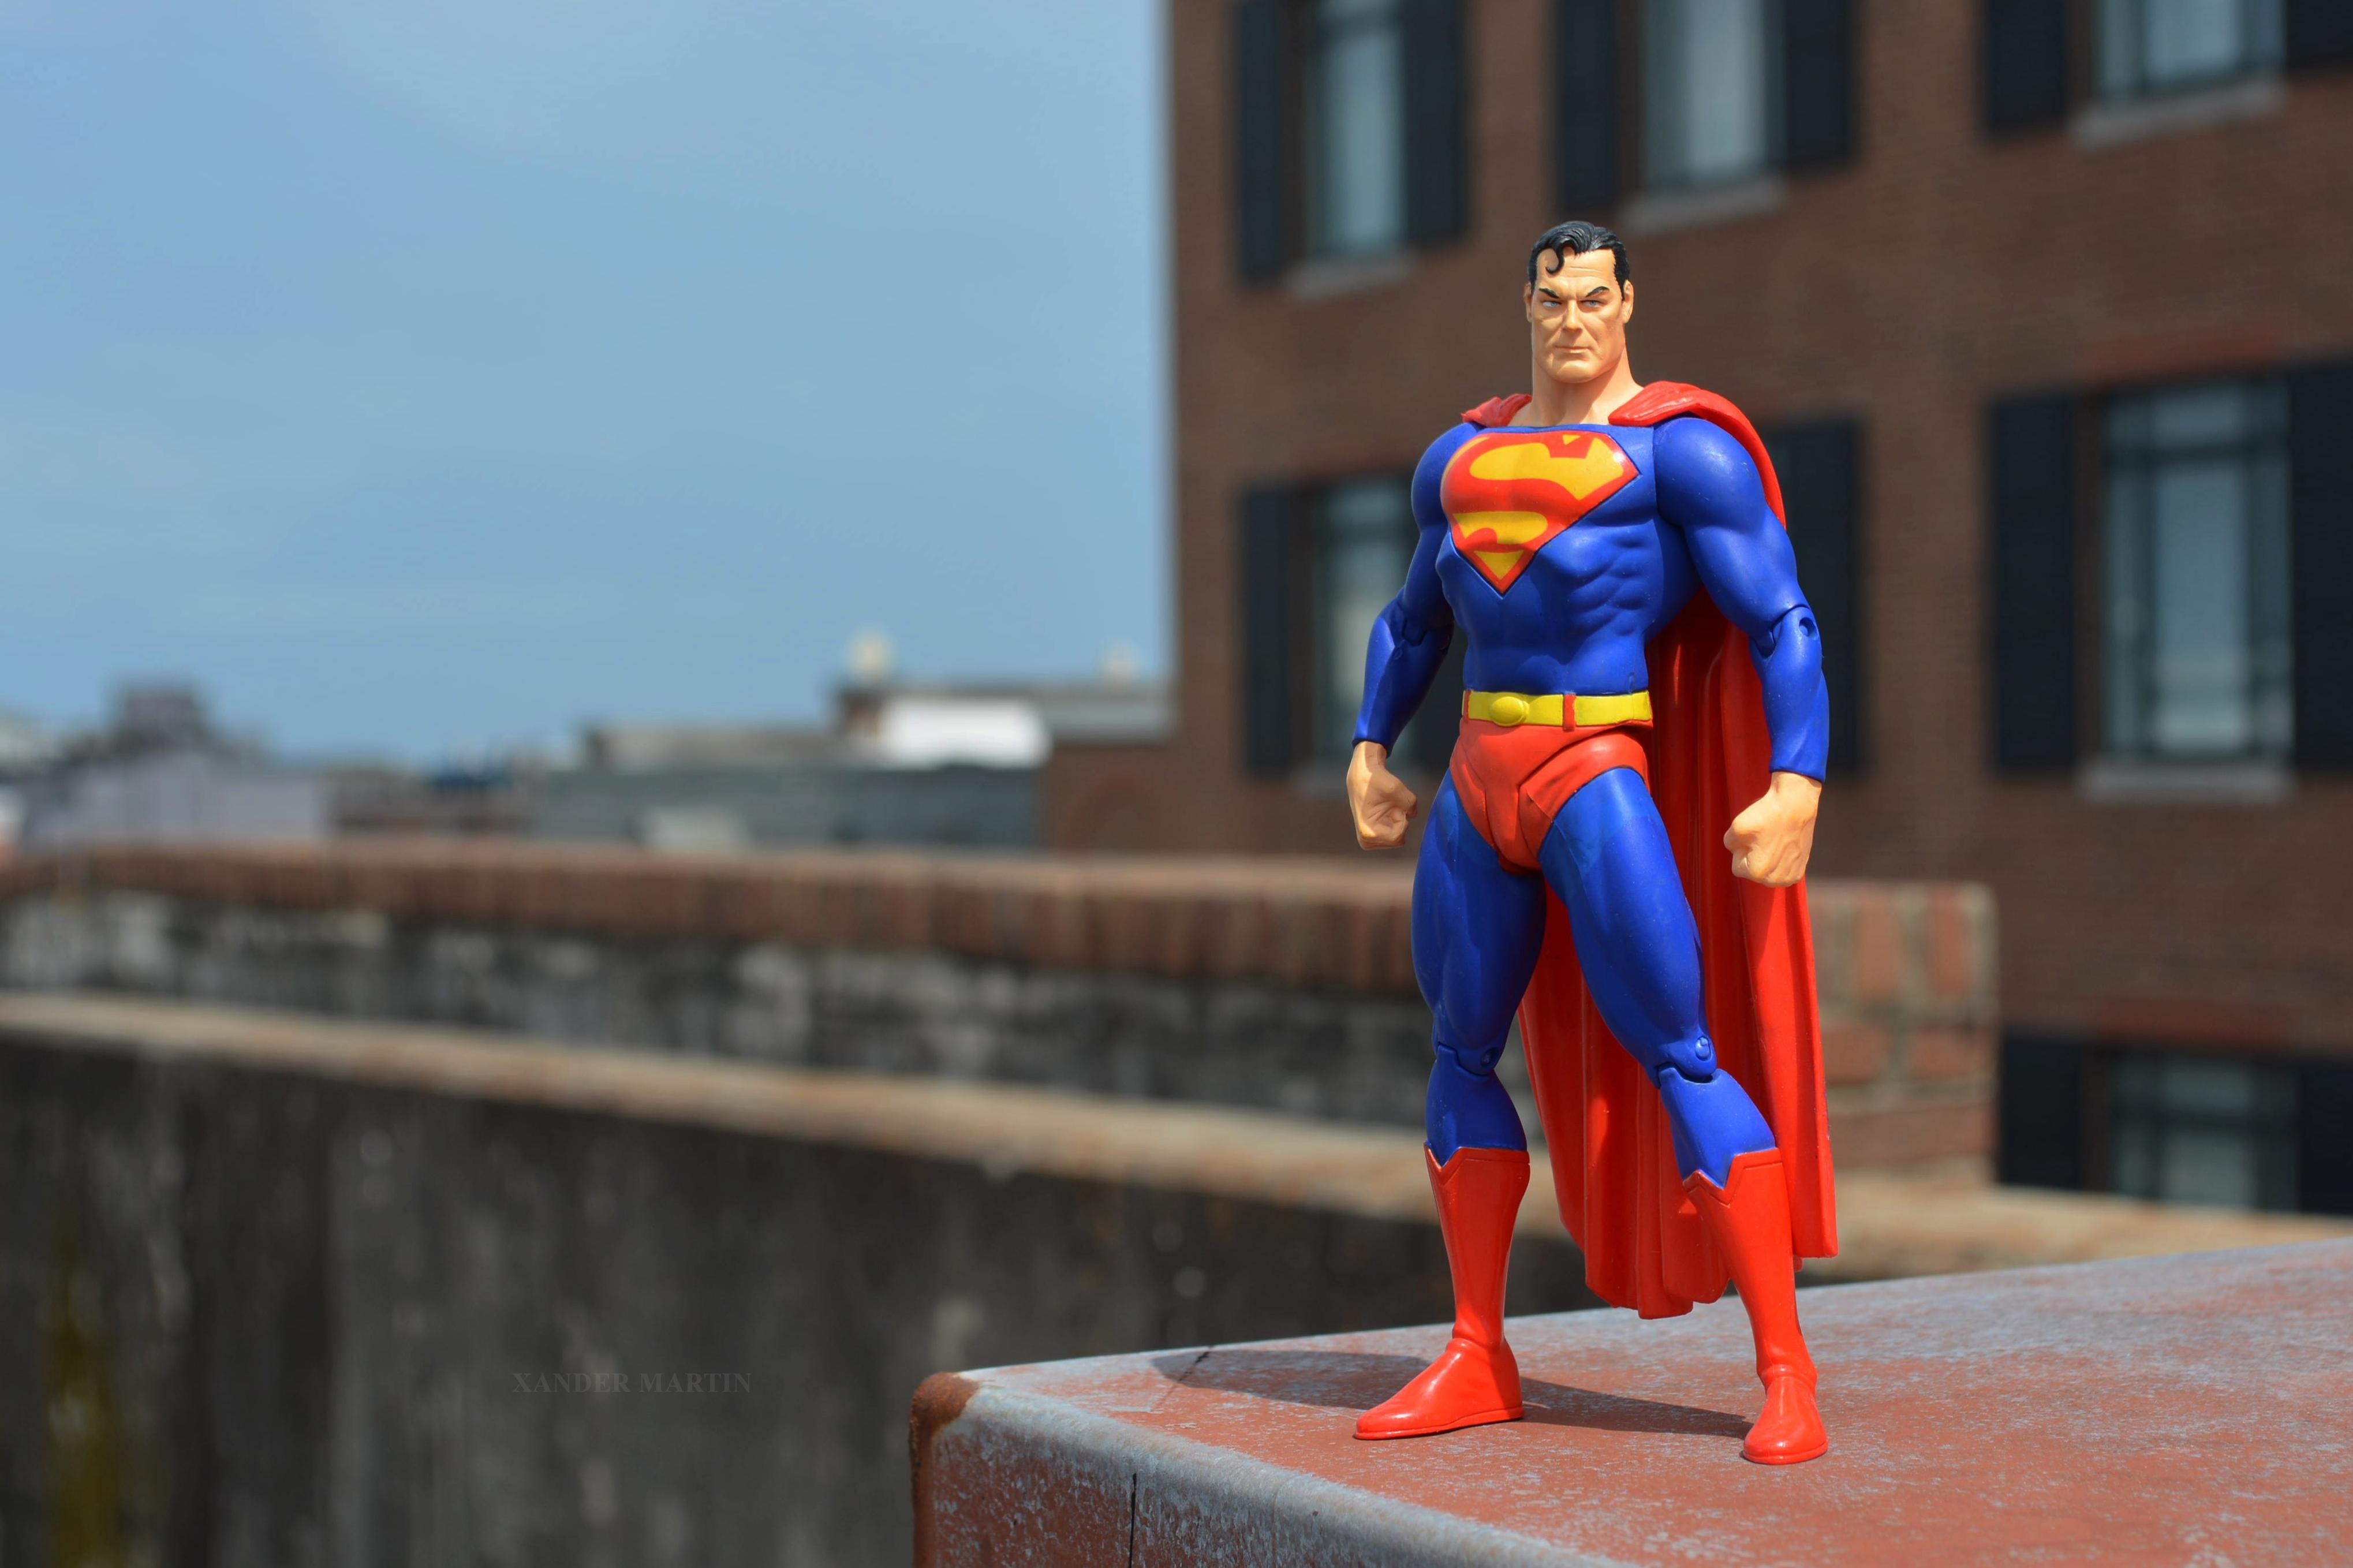 デスクトップ壁紙 スーパーヒーロー スーパーマン クリプトナイト